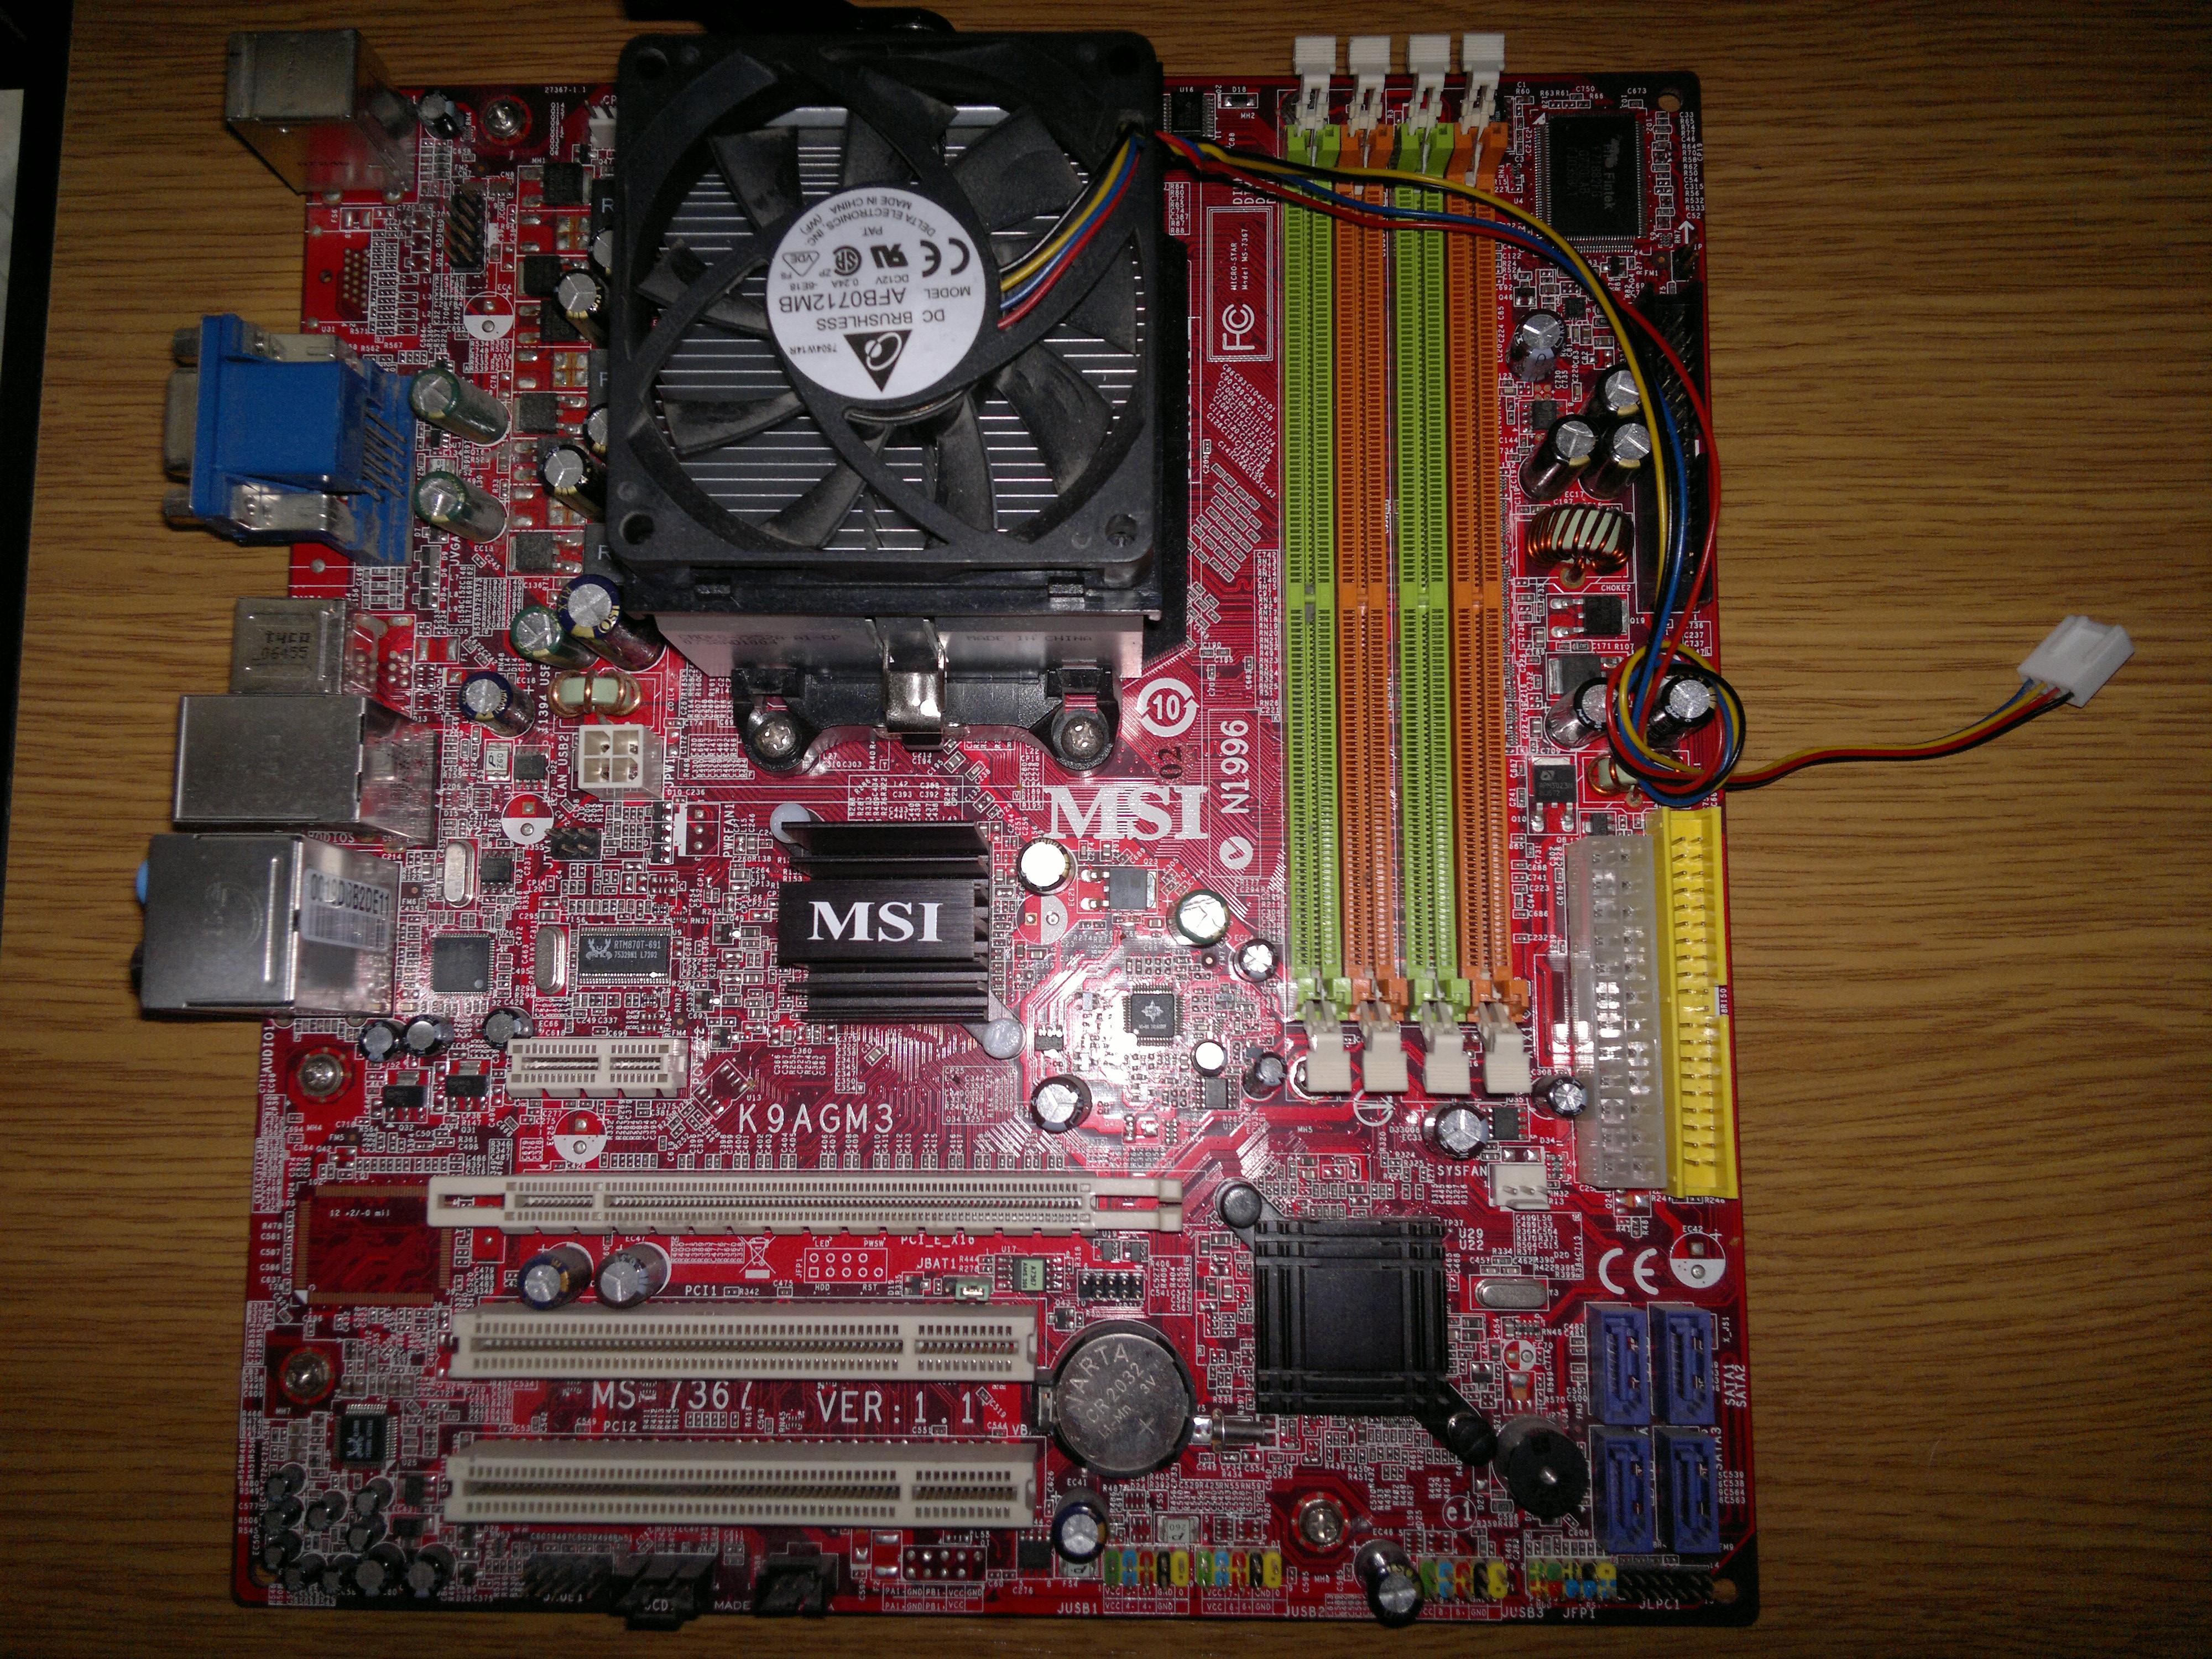 MSI K9AGM3 XP DRIVER DOWNLOAD